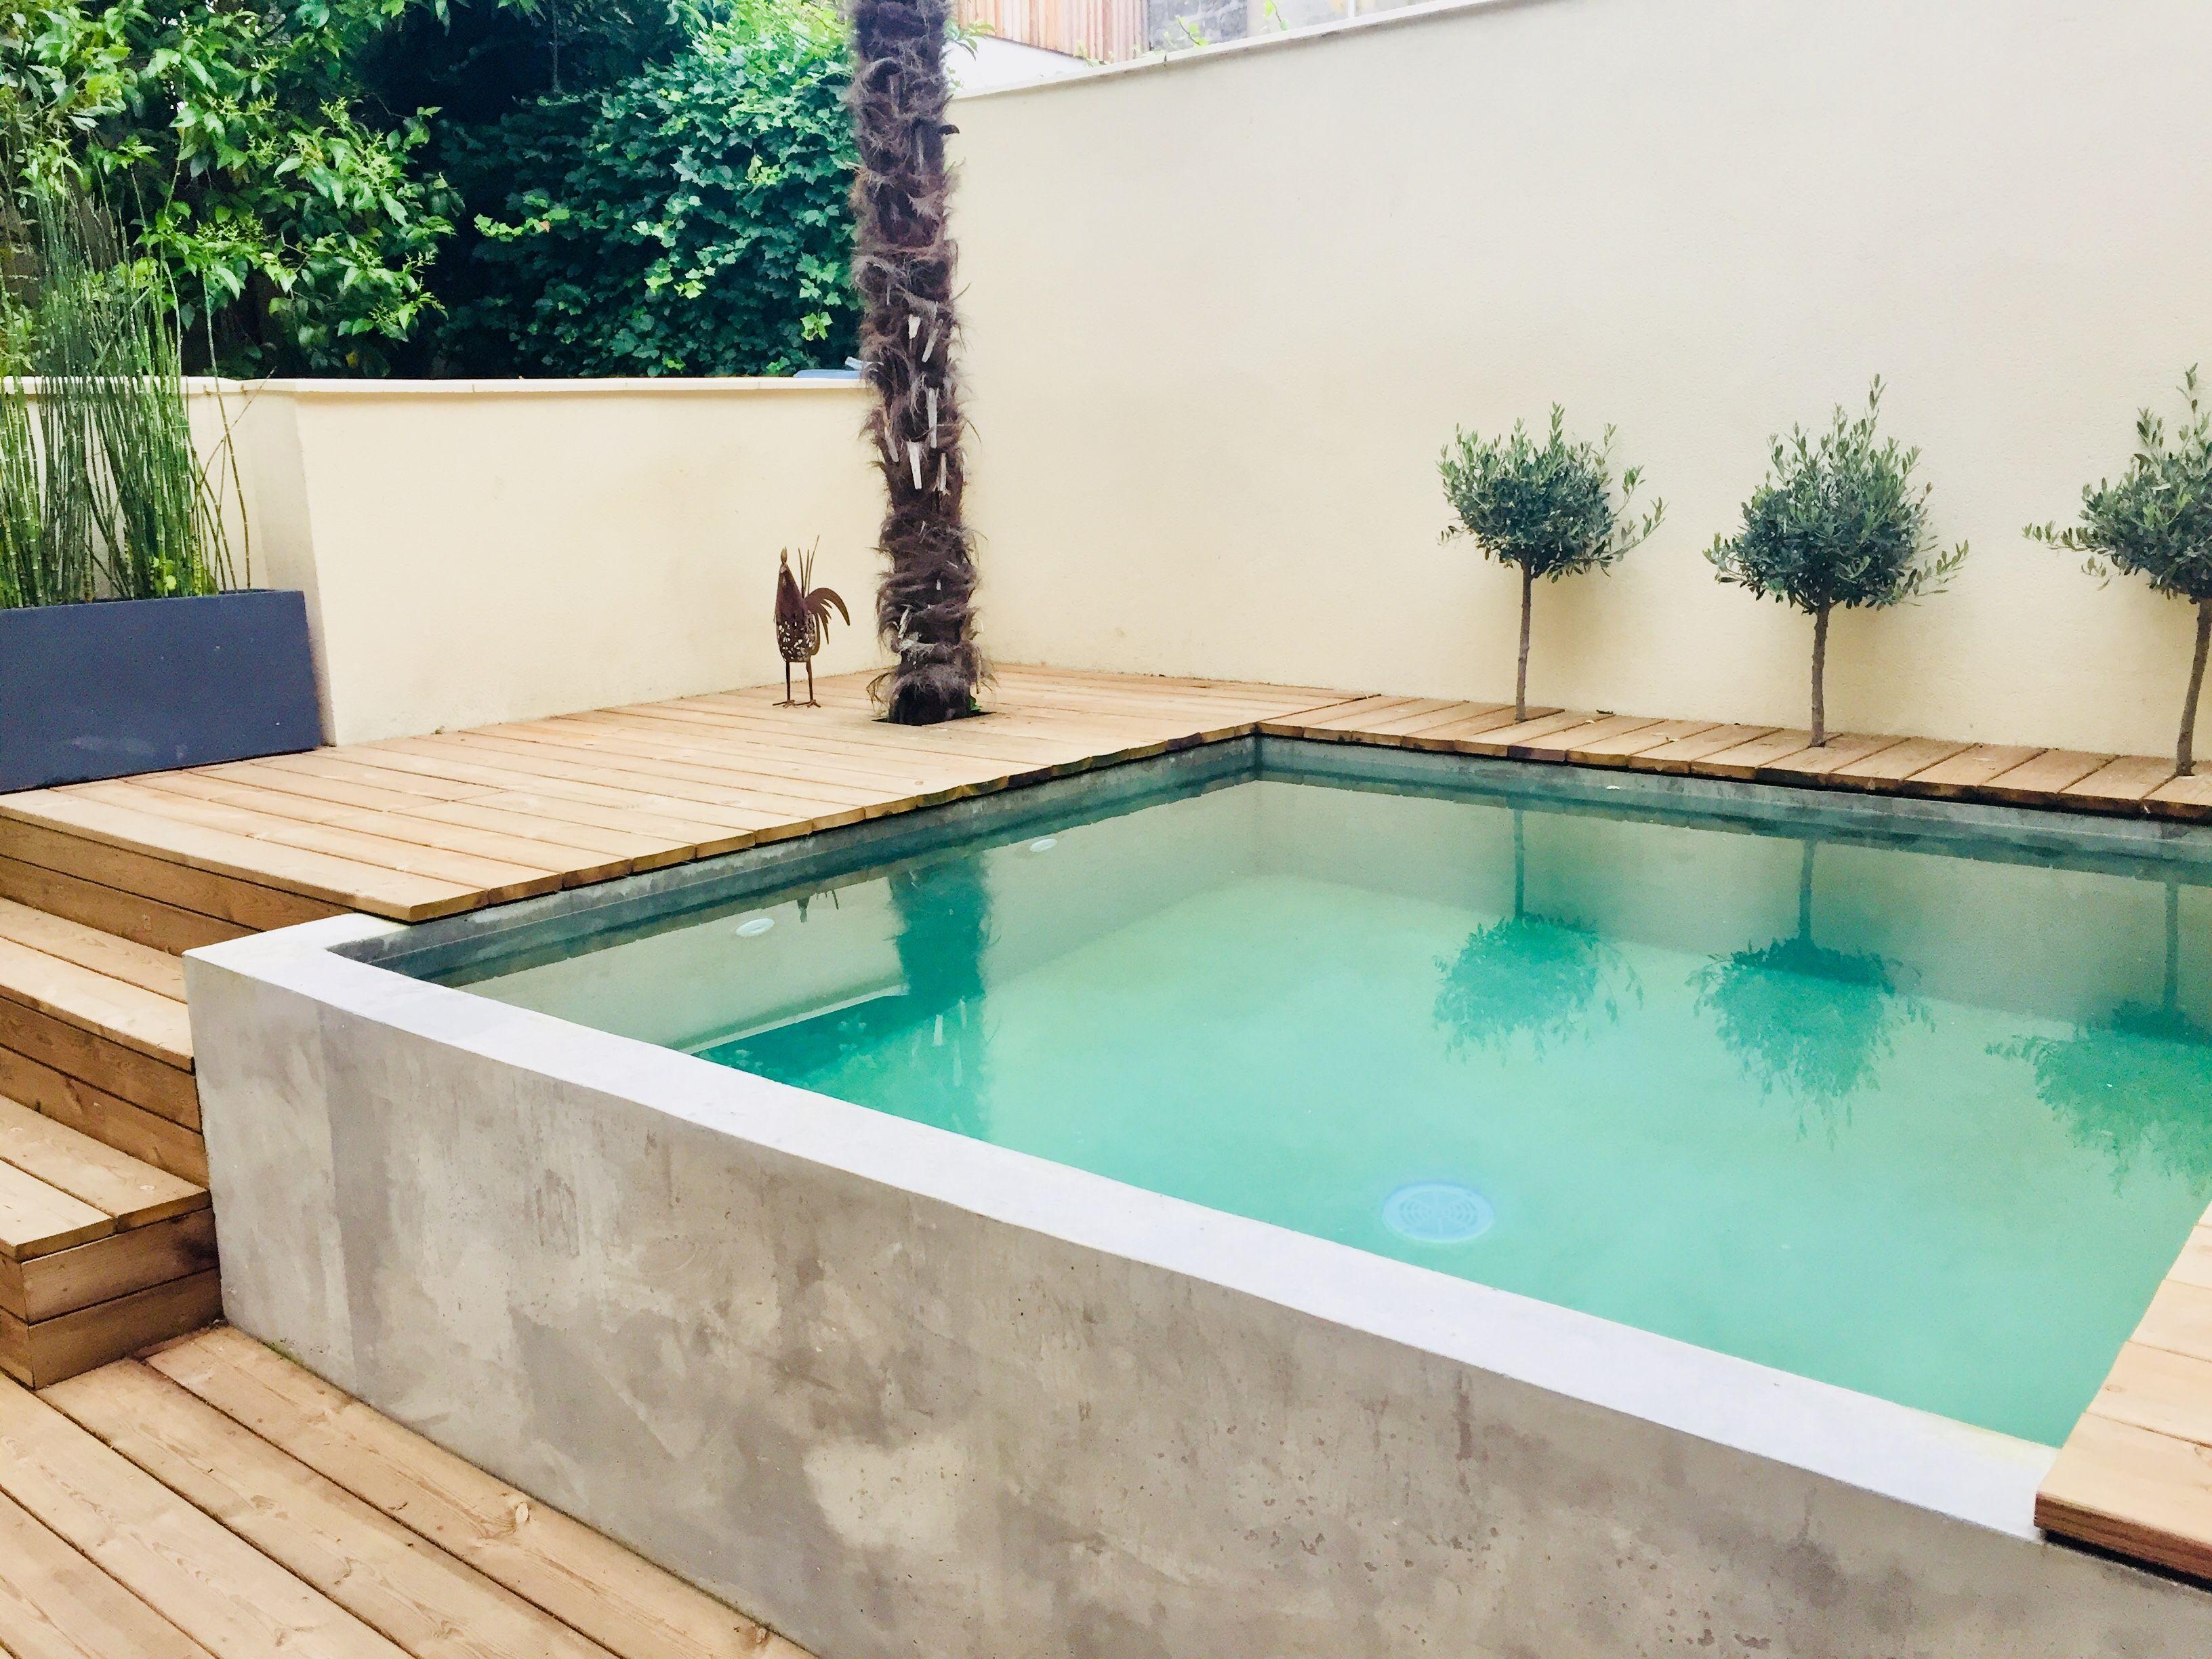 Épinglé par anne sur home ♡ | piscine, petite piscine et mini piscine